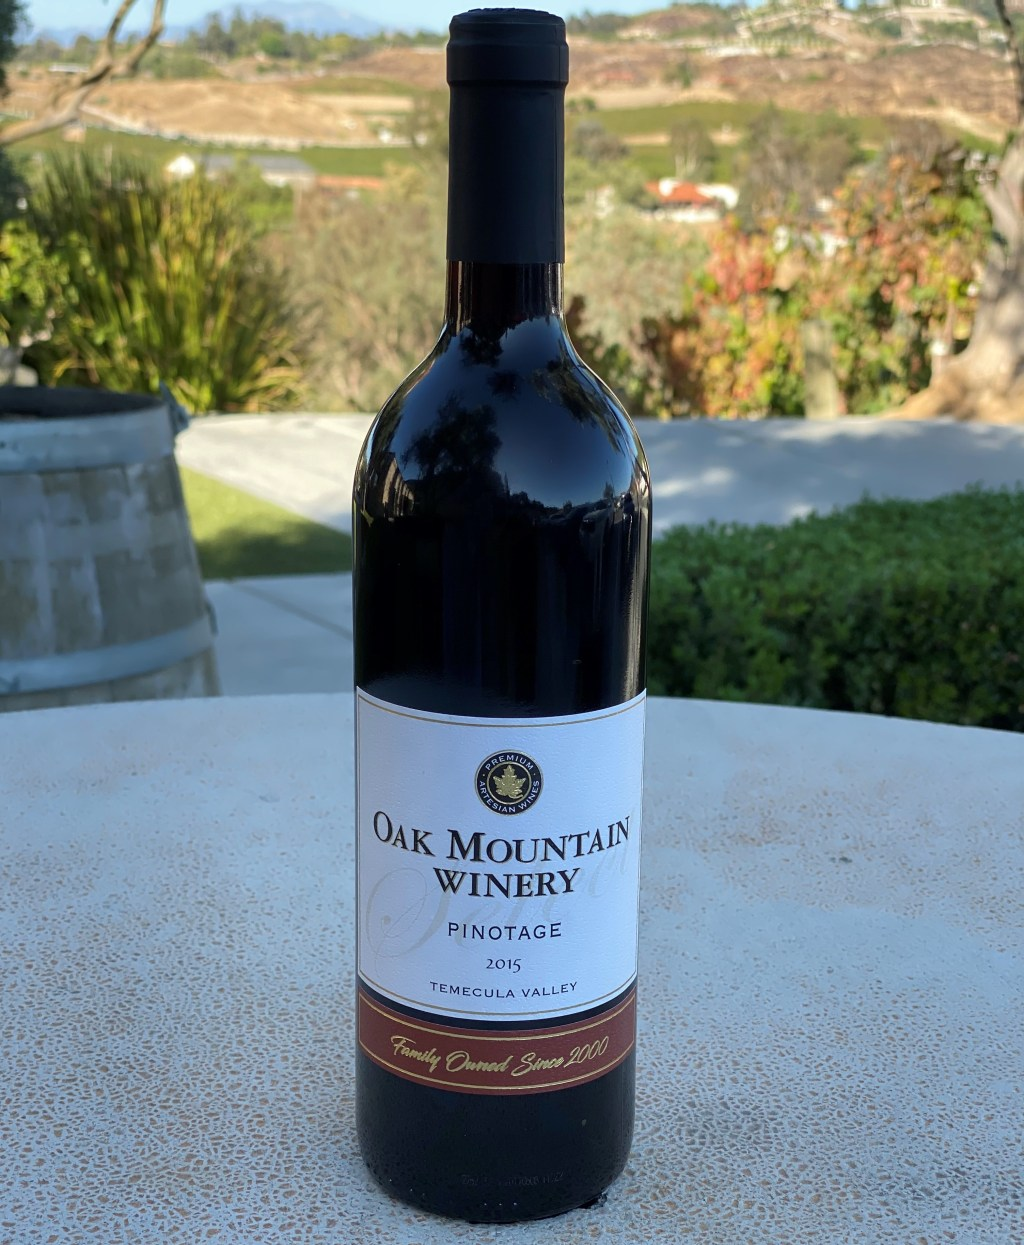 Oak Mountain Winery 2015 Pinotage